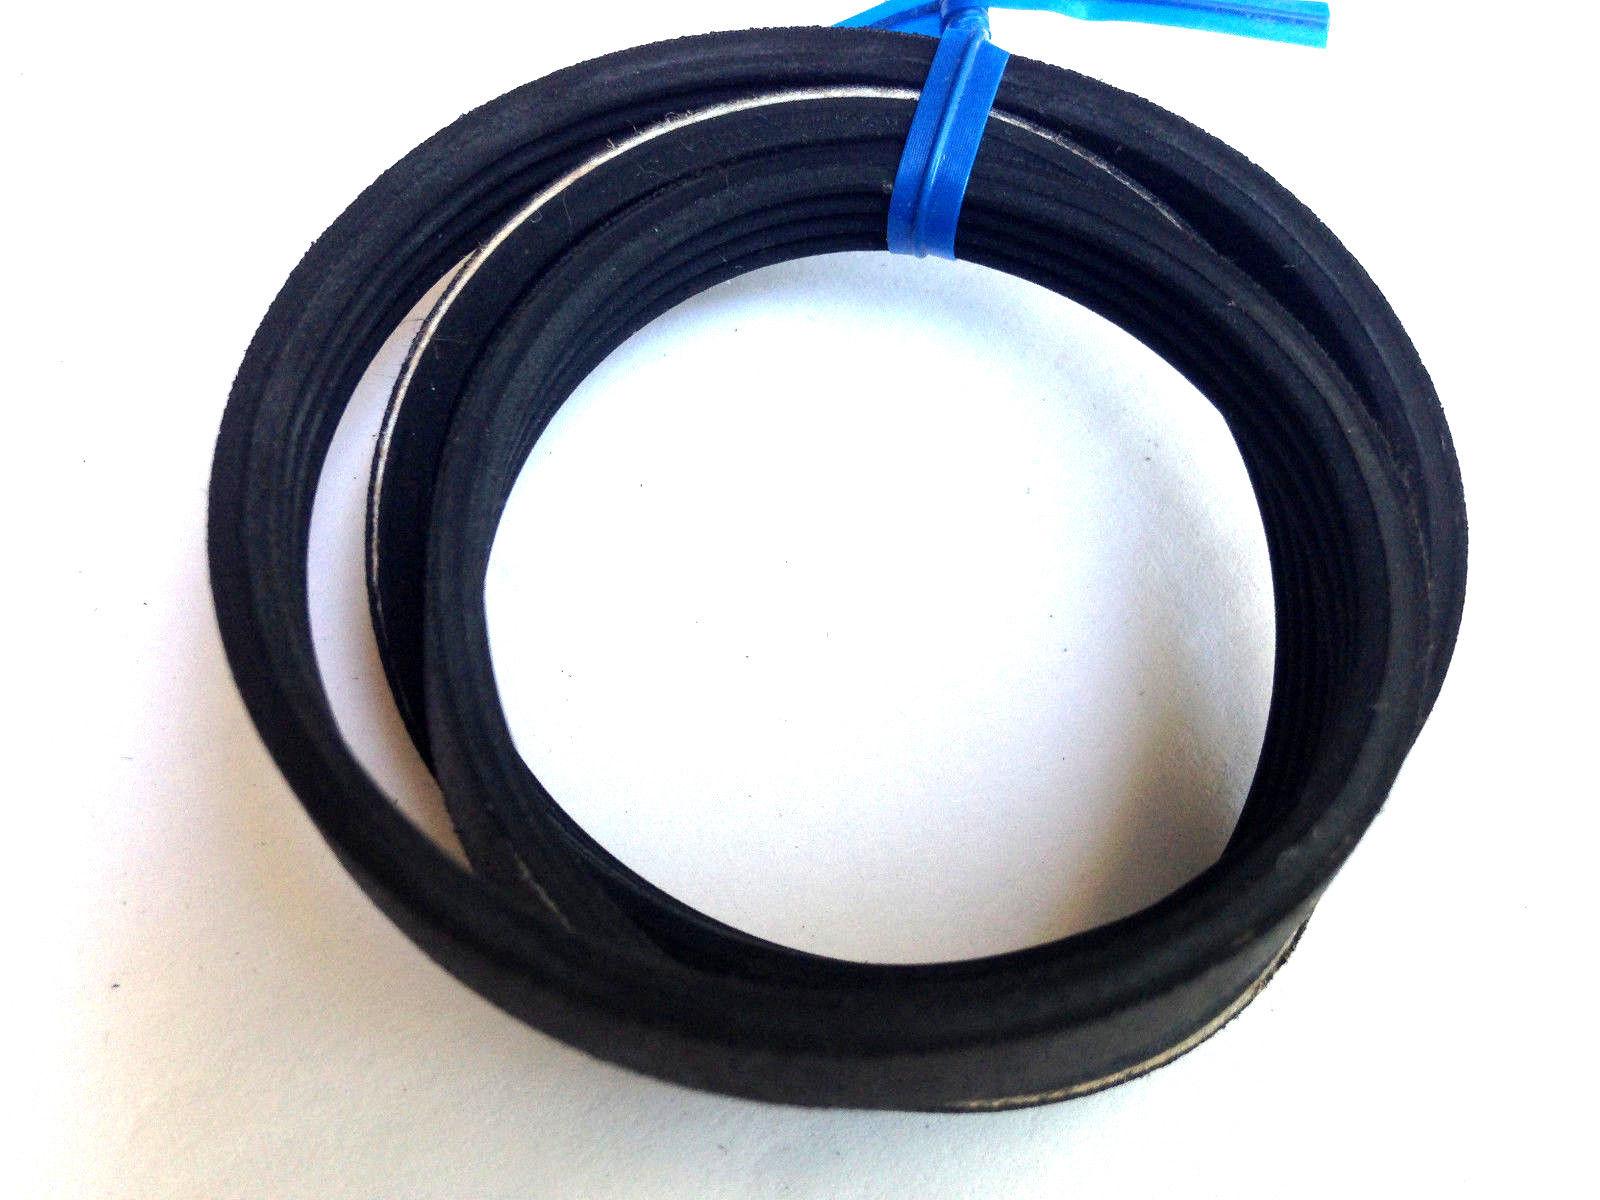 SD-257 SD-RD250 SD-251 SD-255 SD-253,/SD-254 SD-252 SD-P205 SD-TD200 SD-YD250 sd-yd20 SD 2500 SD-BT 2P 6P 10P 55P 65P 56P 6N SD- NEW Belt for Panasonic Model Sd-bt55p SD-BT65N SD4B 200 ASD158-108-W belt for SDBT10P SD-200 SD-206 SD-207 SD-256